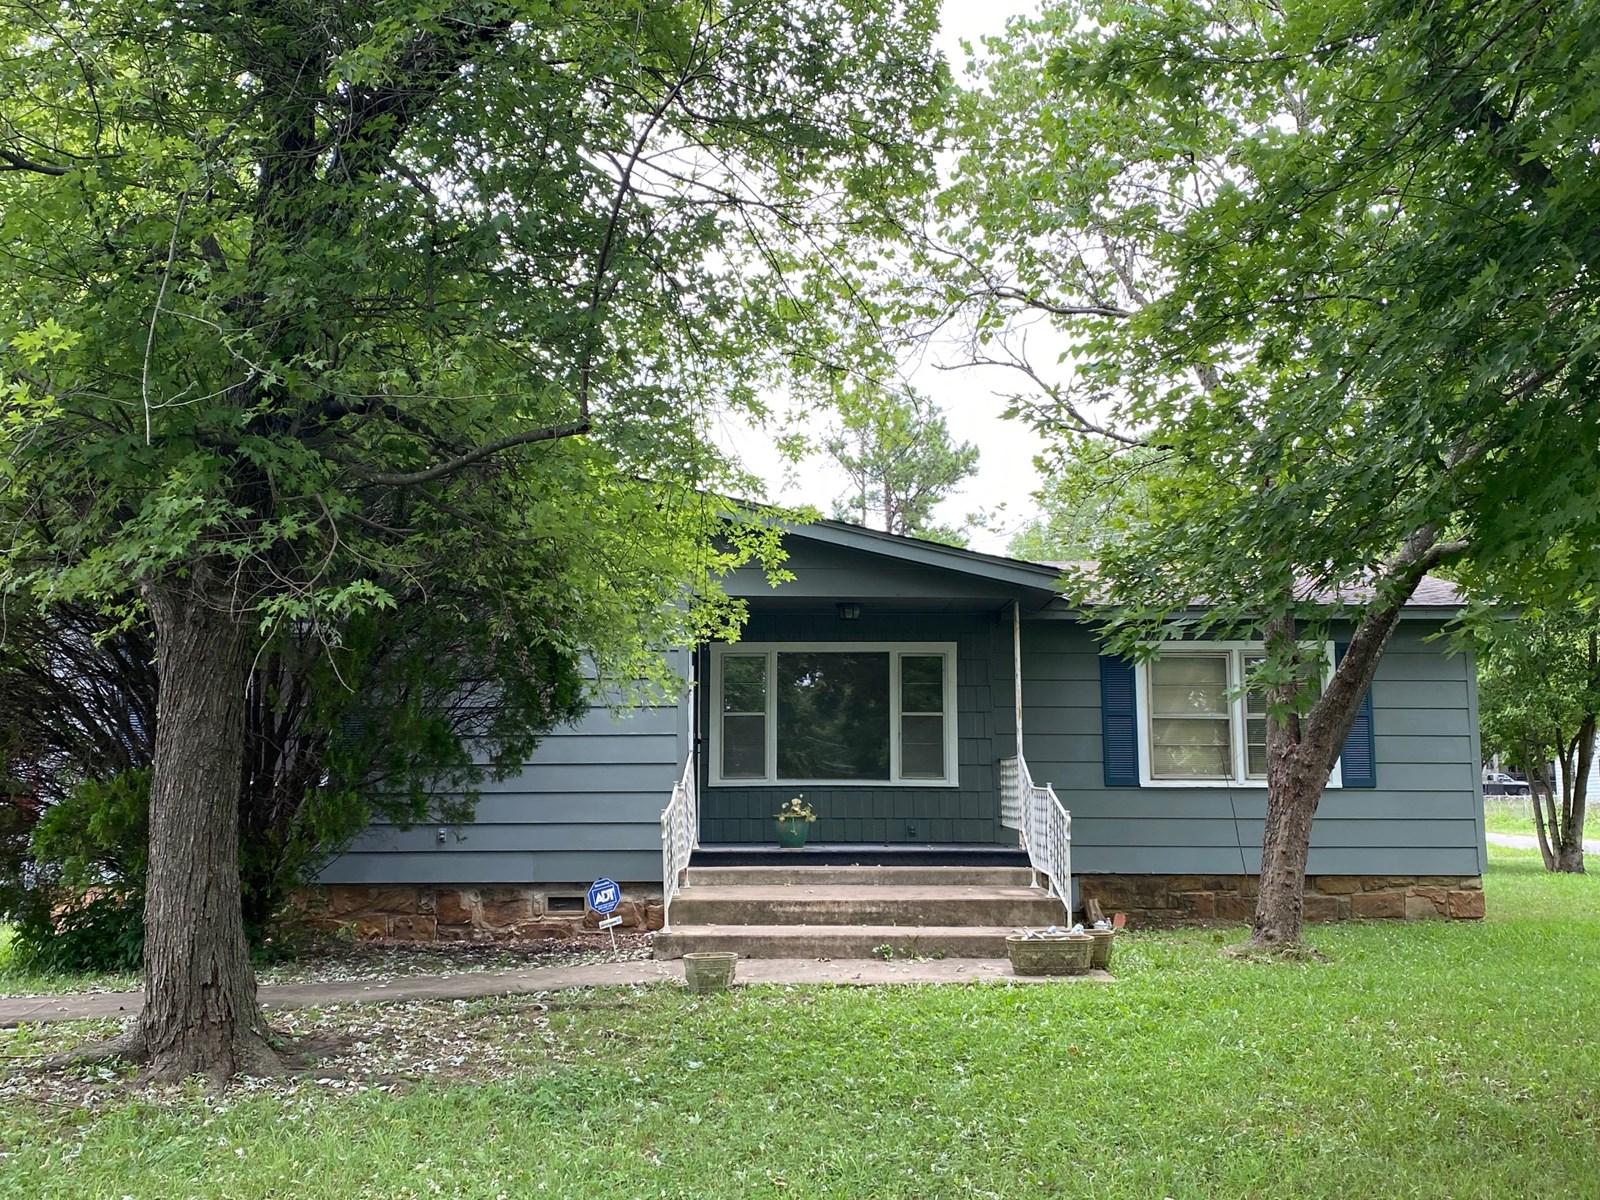 Home for sale Wilburton, Oklahoma